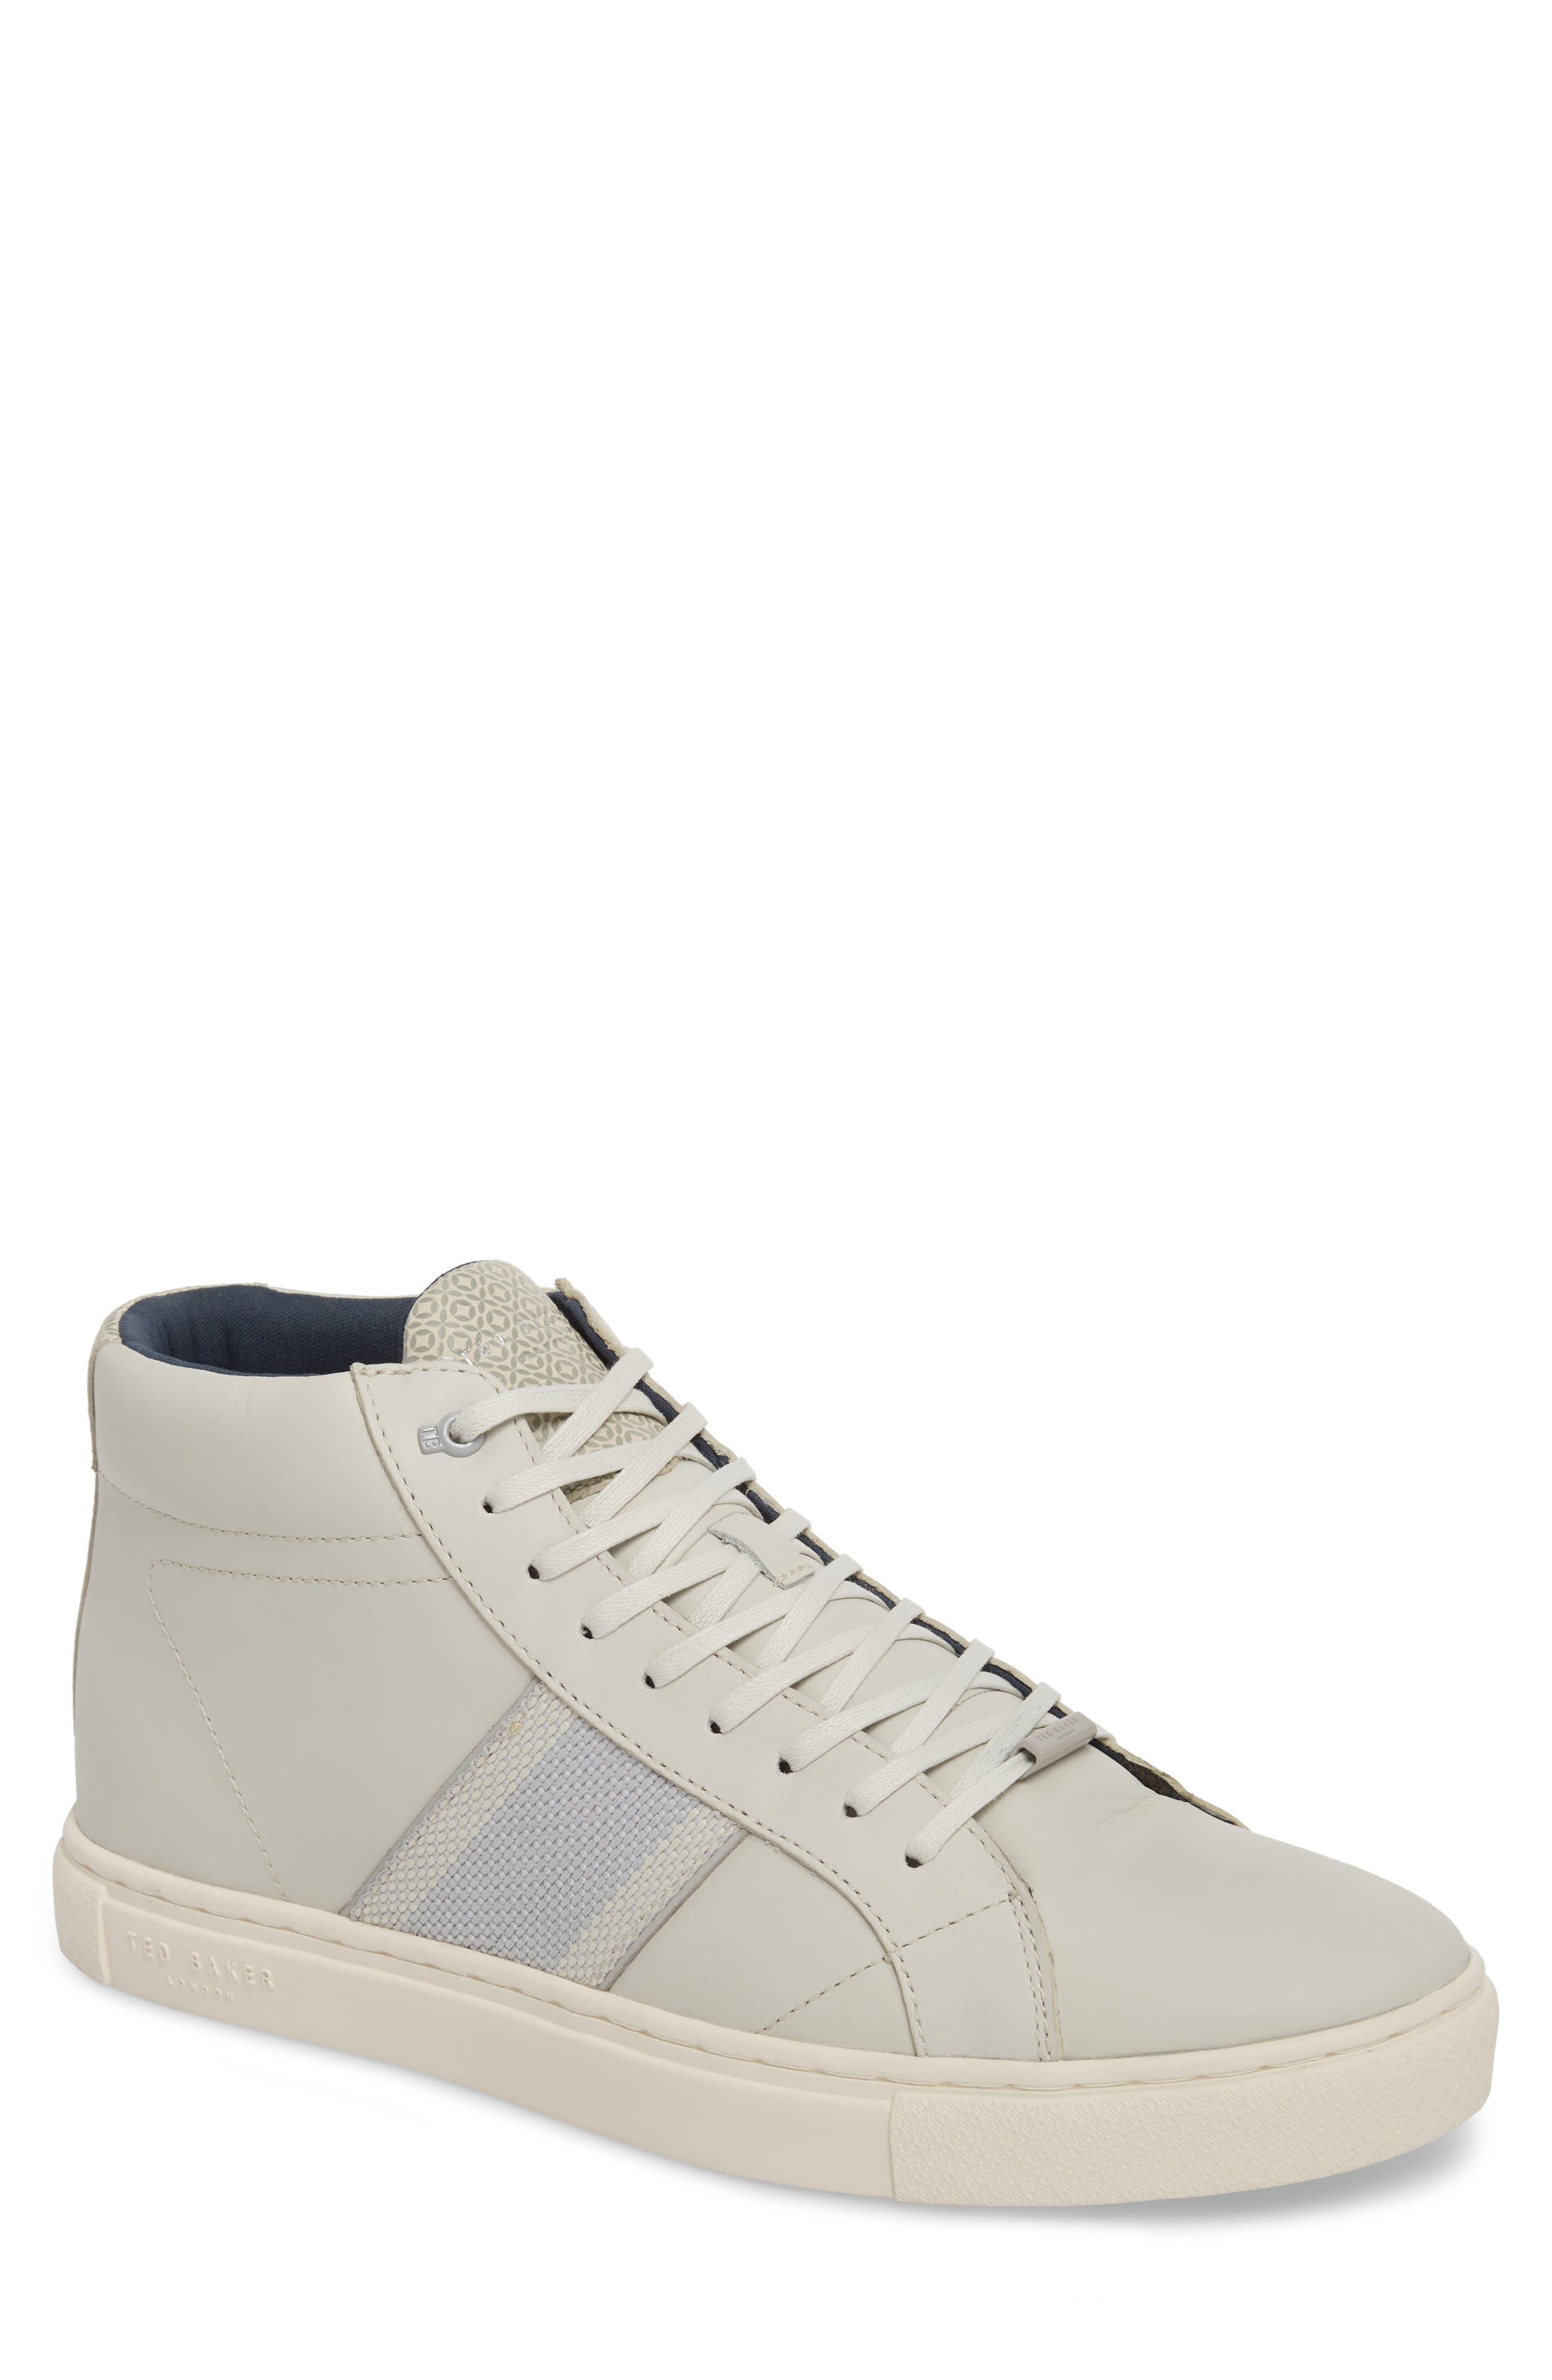 Cruuw High Top Sneaker,                             Main thumbnail 1, color,                             152